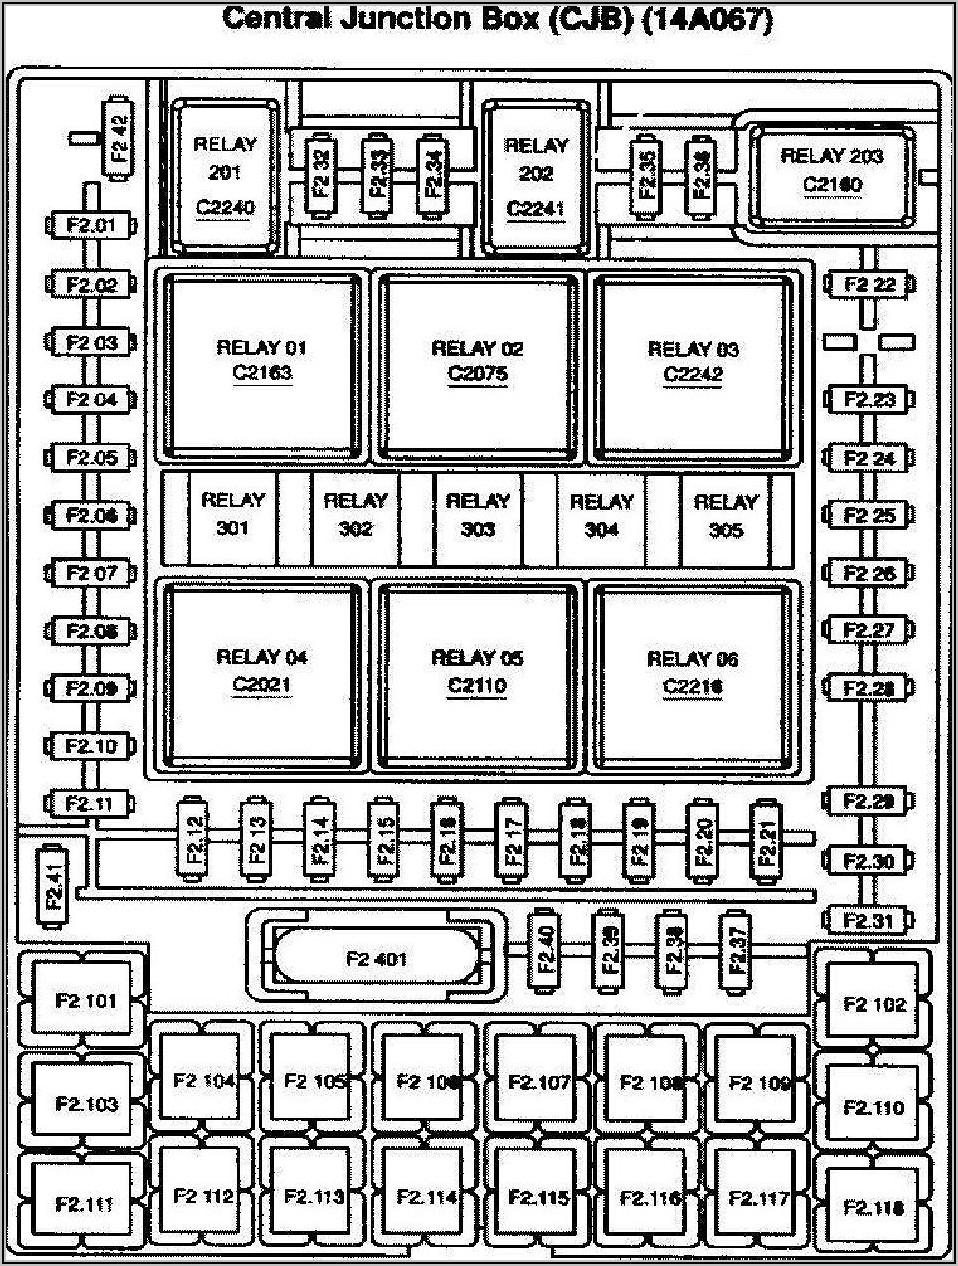 2005 Ford F150 Xlt Fuse Box Diagram